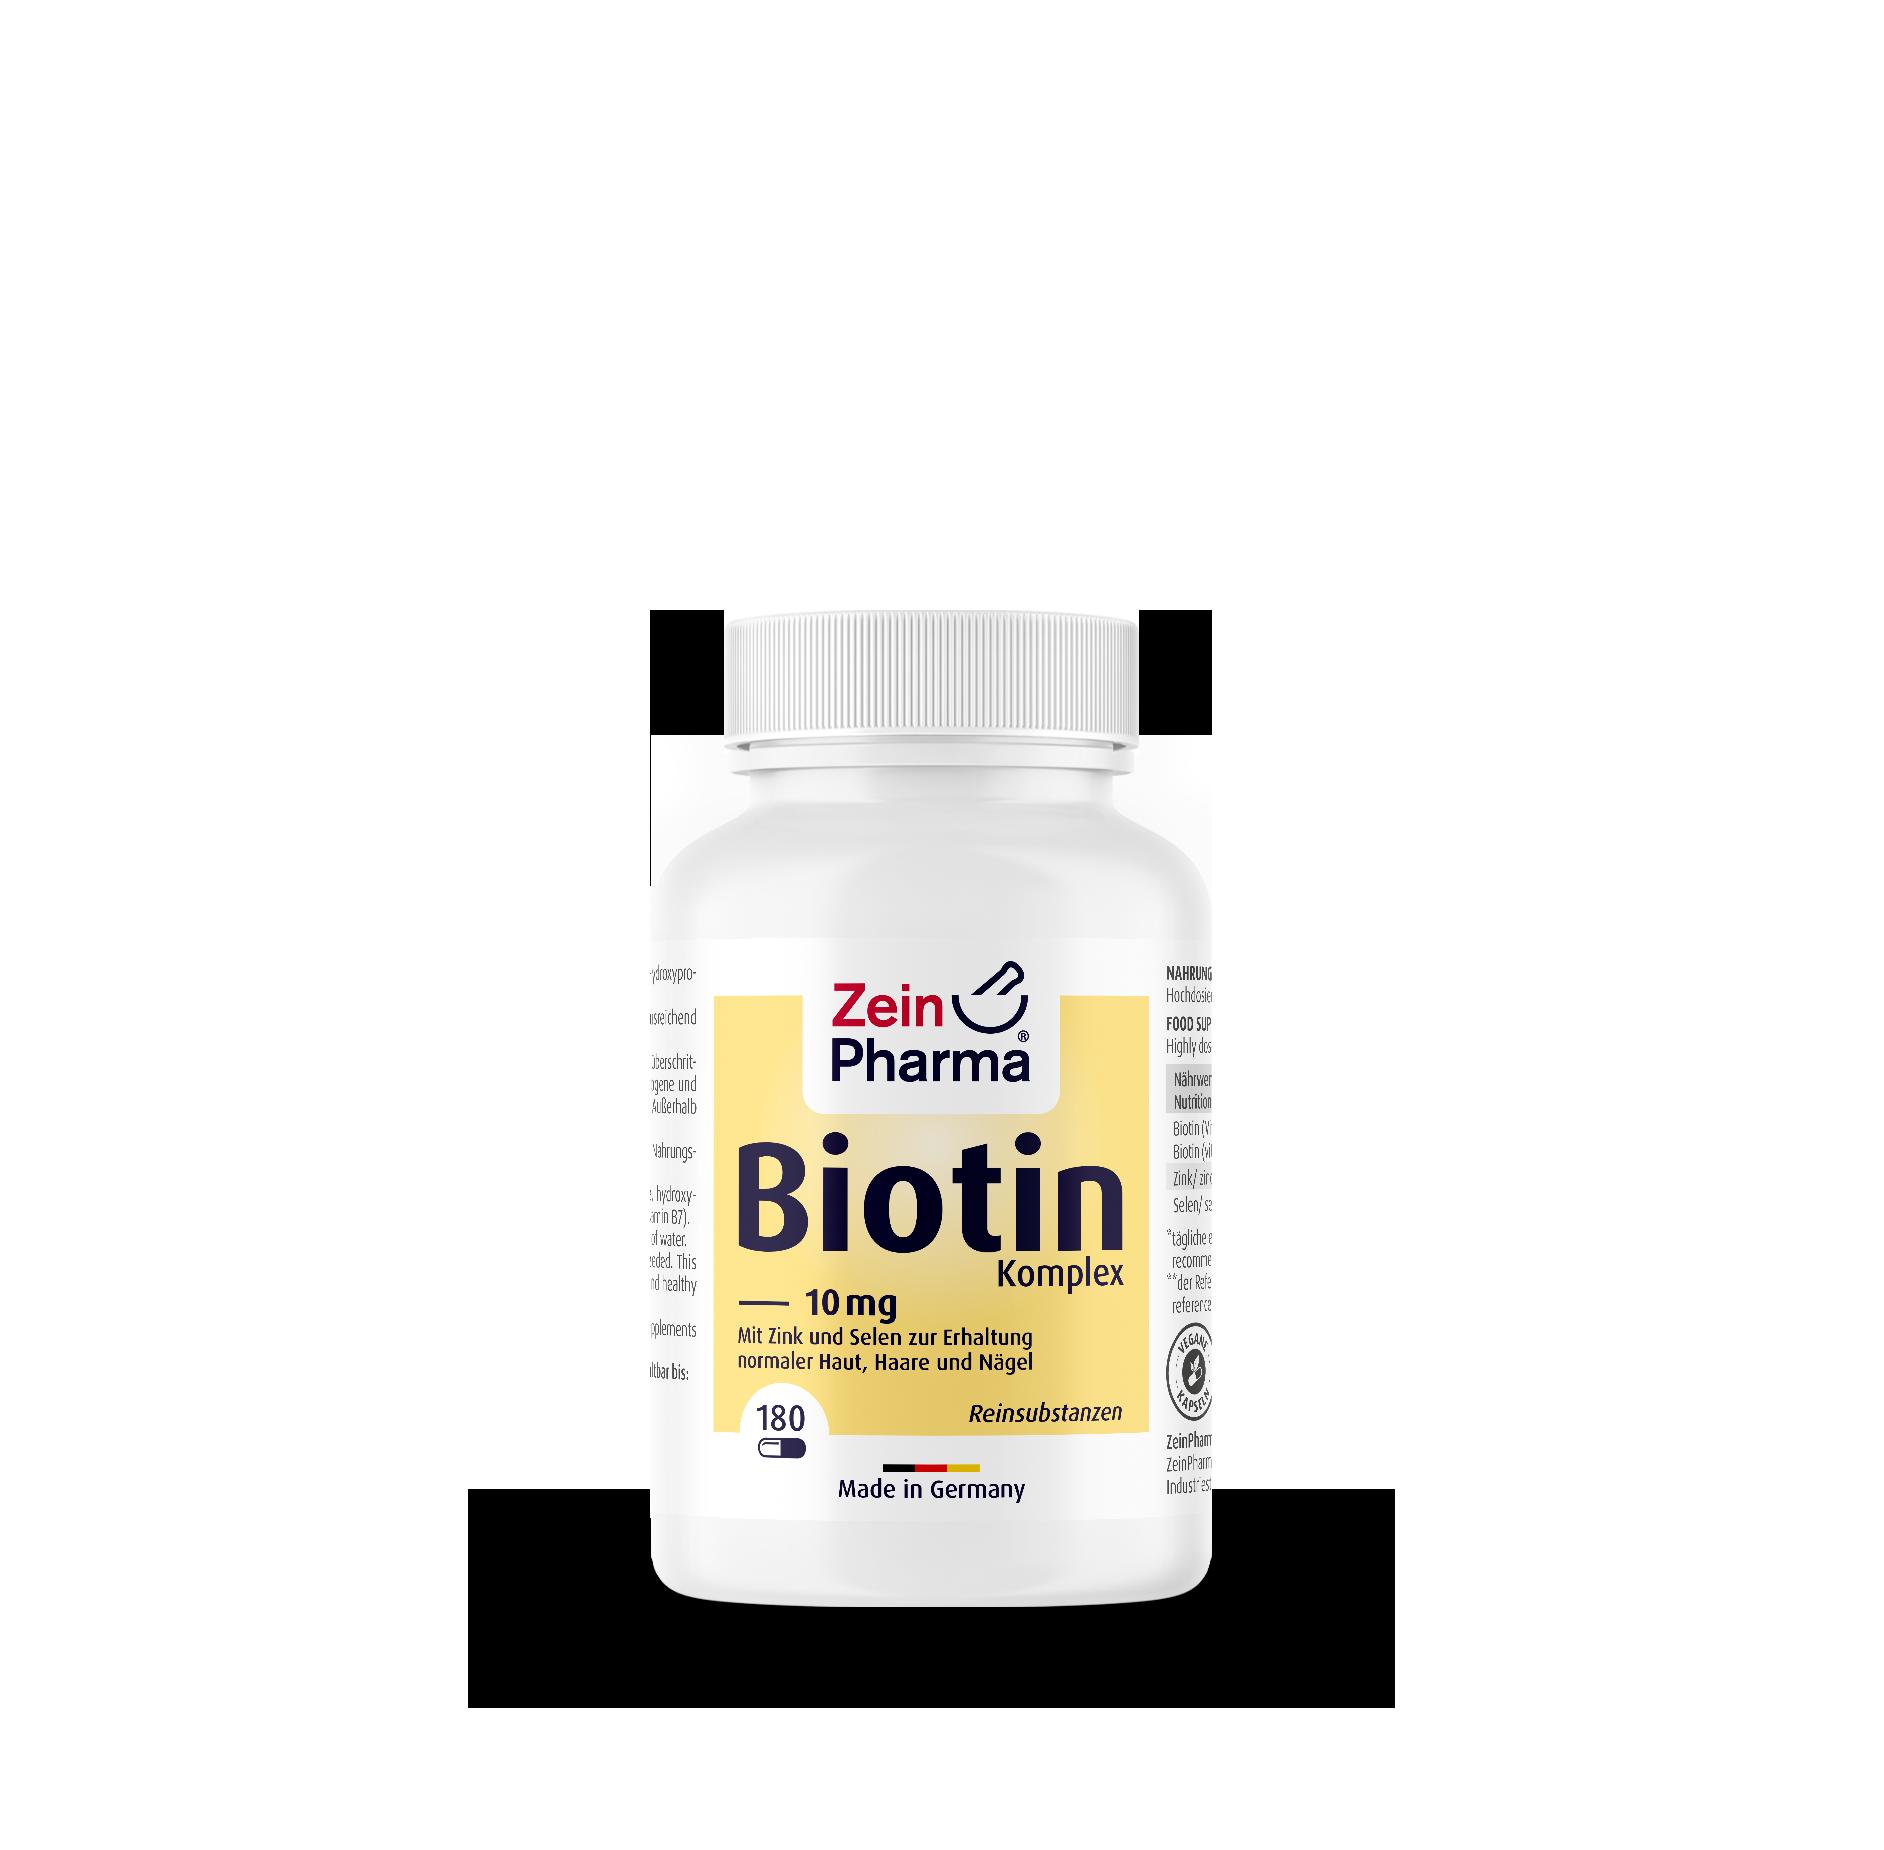 Biotin Komplex Kapseln